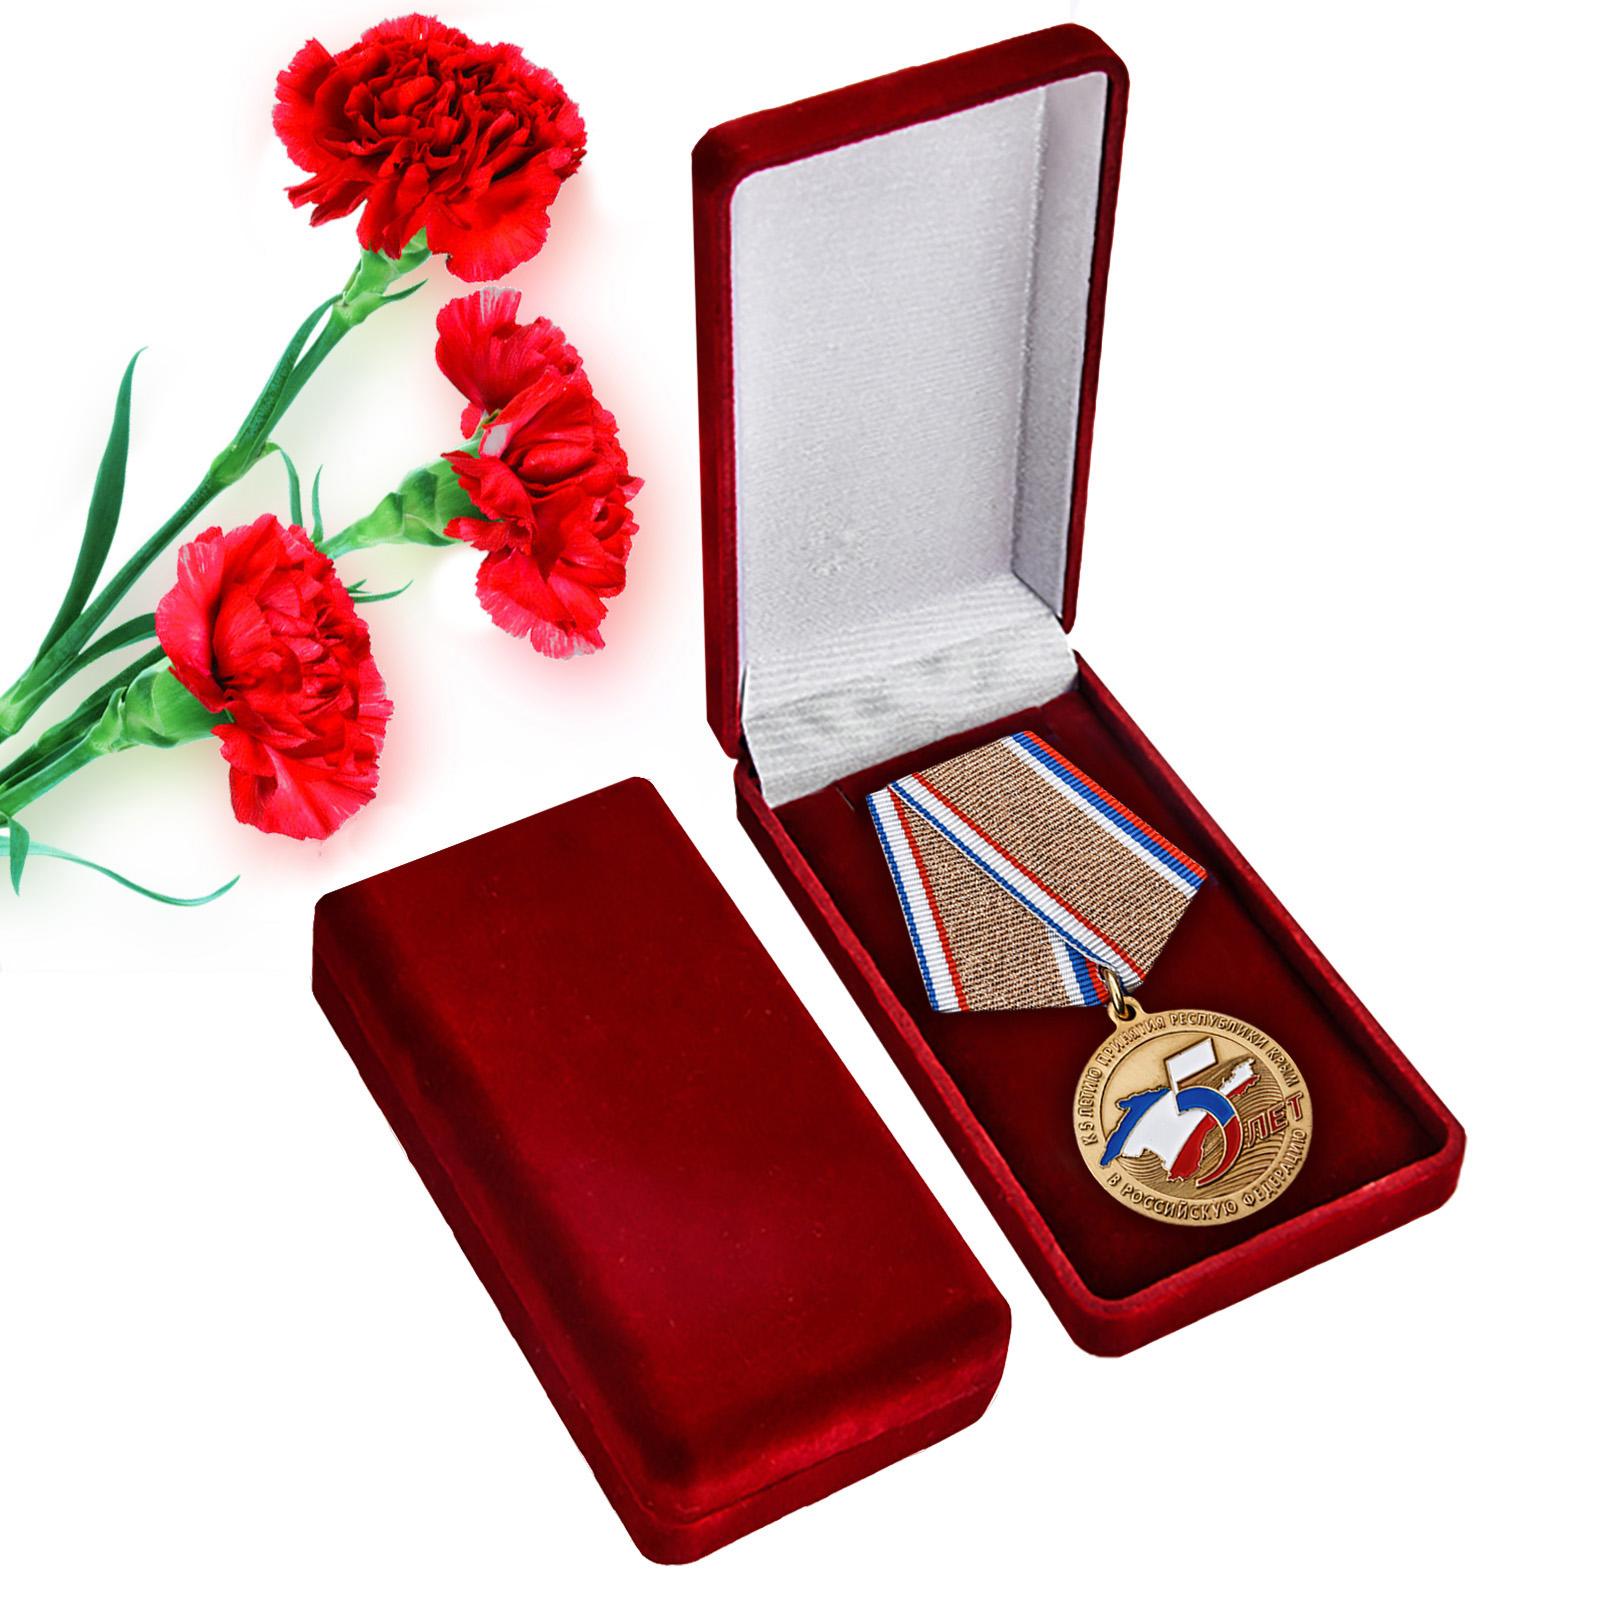 Купить латунную медаль 5 лет принятия Республики Крым в состав РФ с доставкой